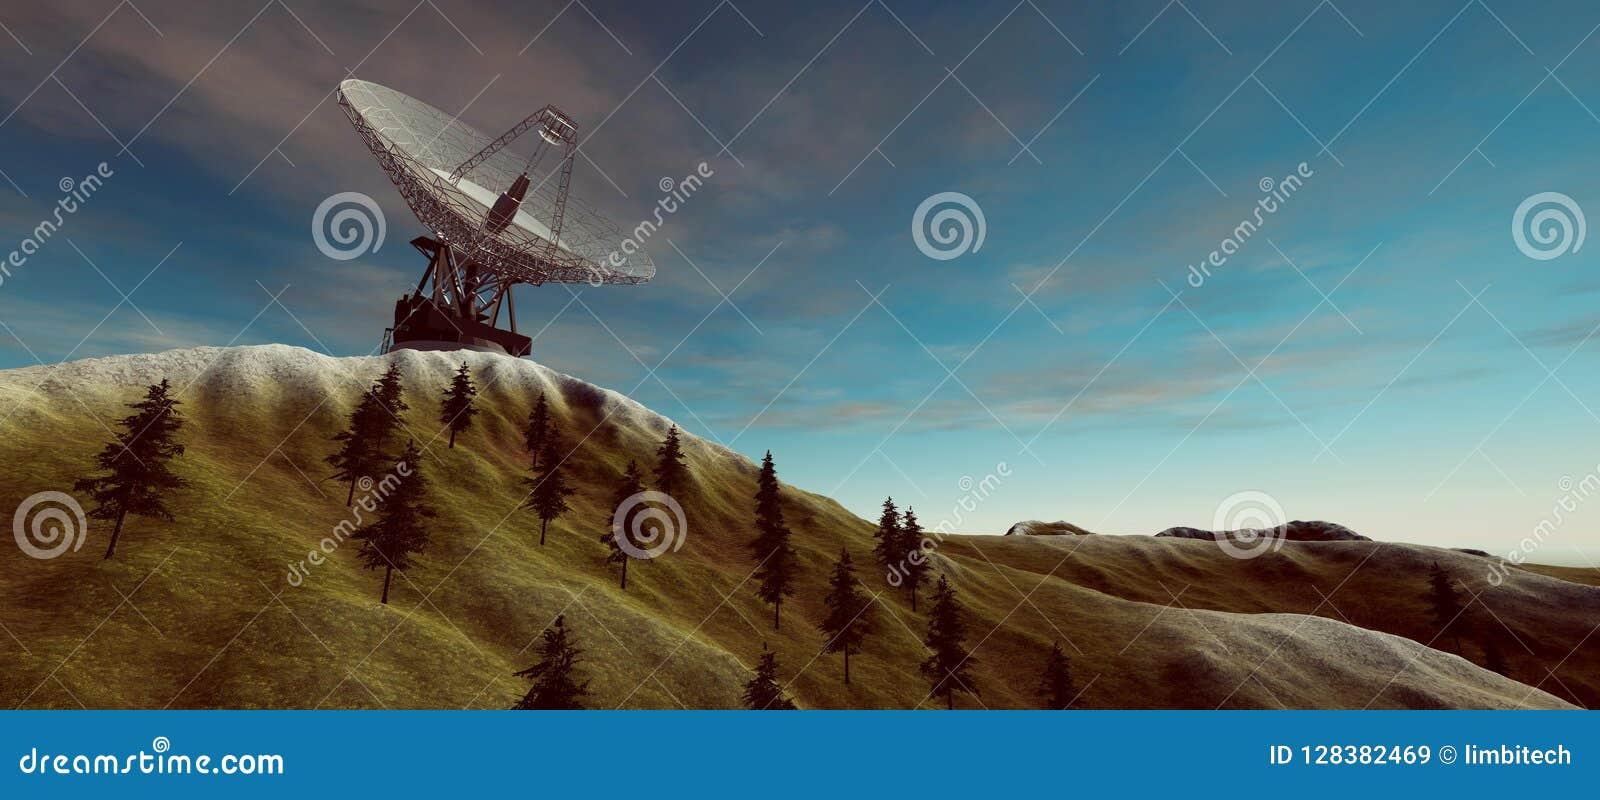 Niezwykle realistyczna i szczegółowa wysoka rozdzielczość 3d ilustracja duża komunikacyjna antena satelitarna Elementy ten wizeru